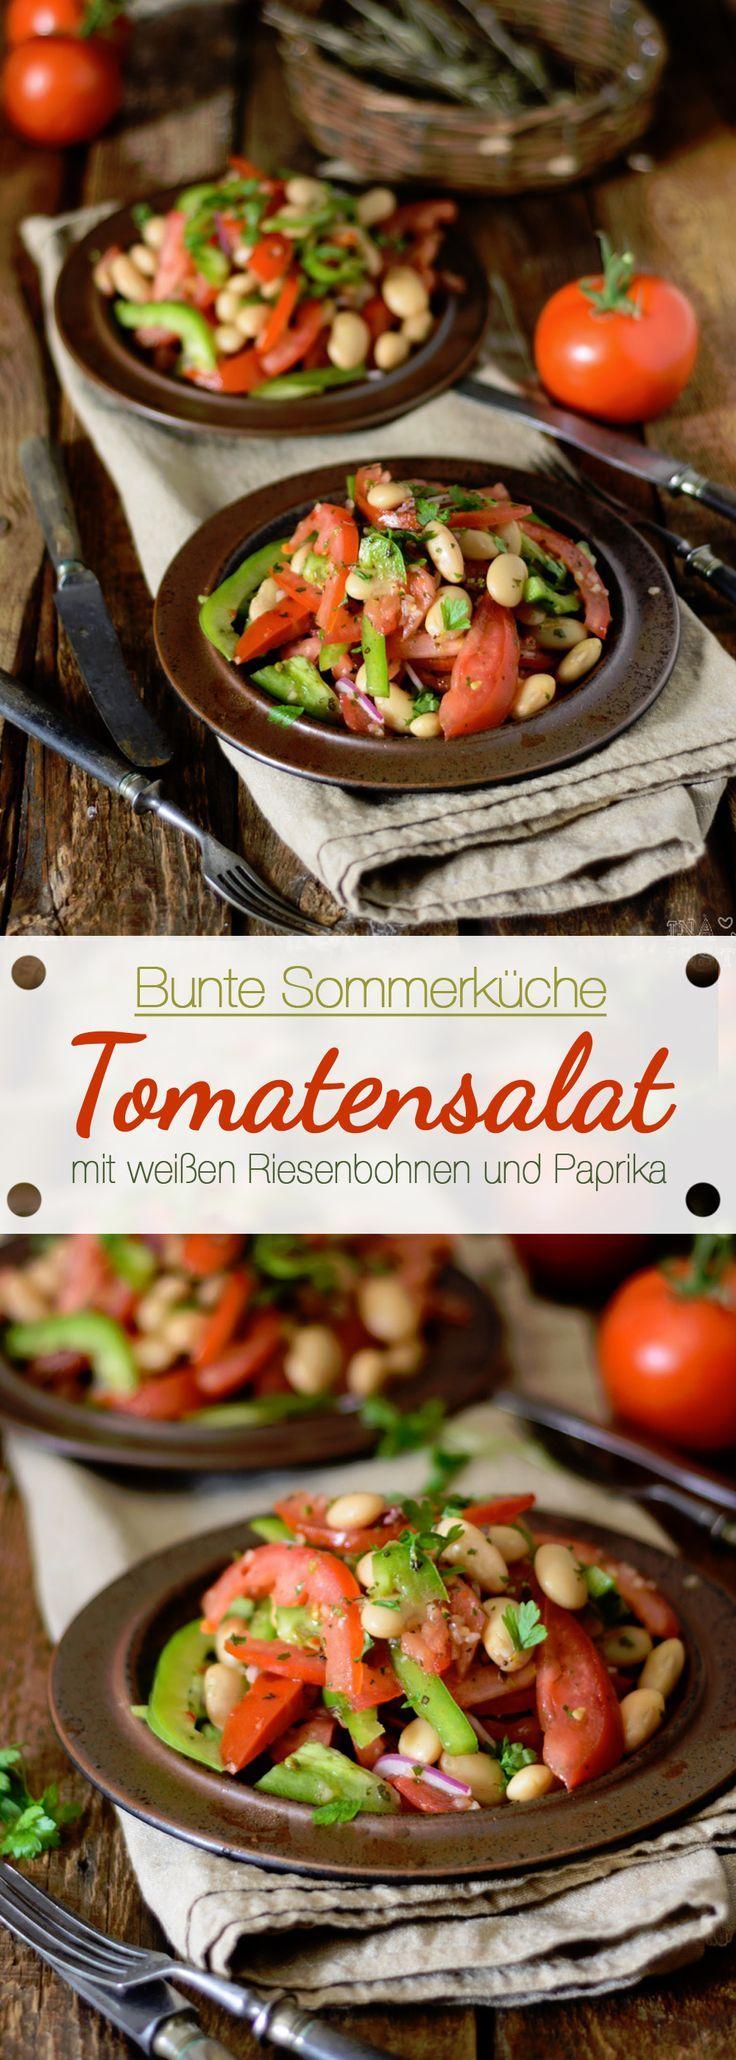 Tomatensalat mit weißen Riesenbohnen und Paprika